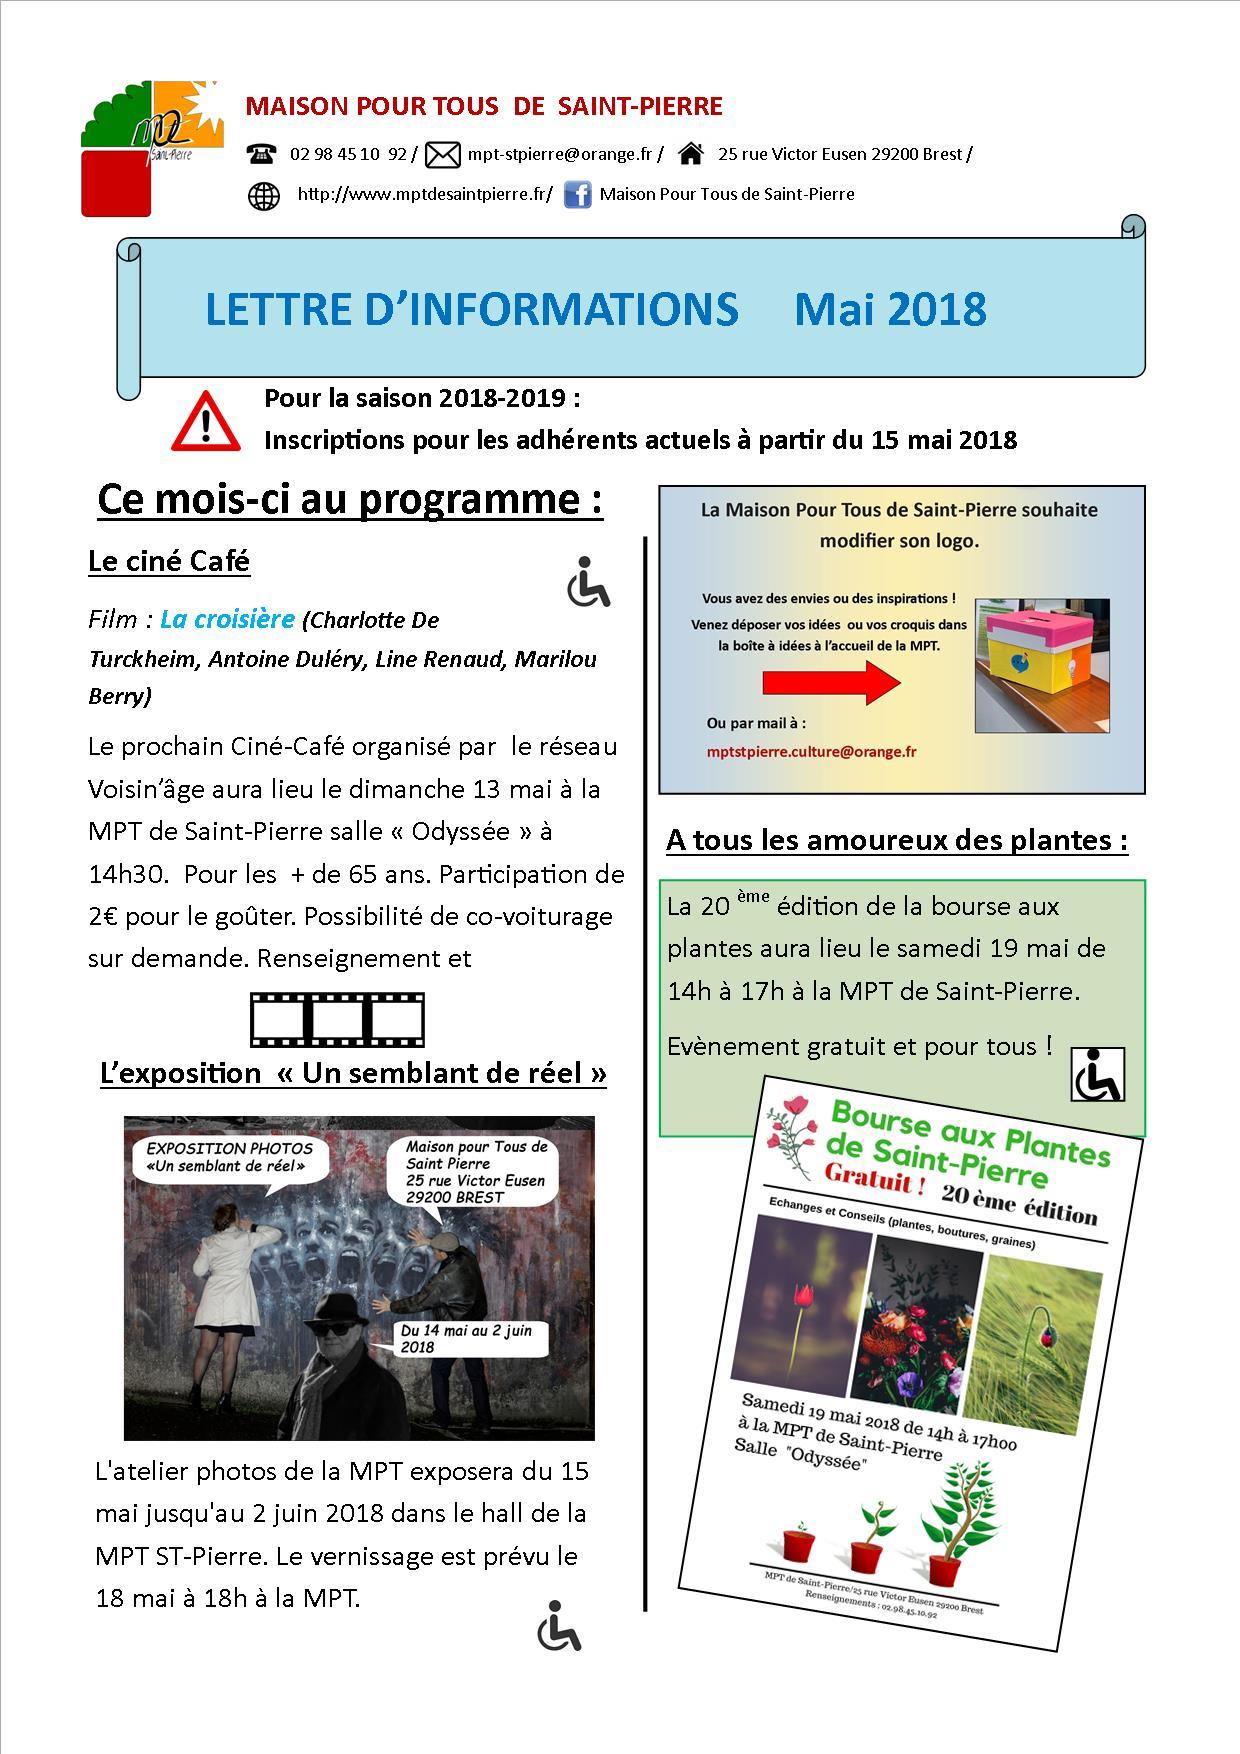 Lettre d'informations du mois de mai